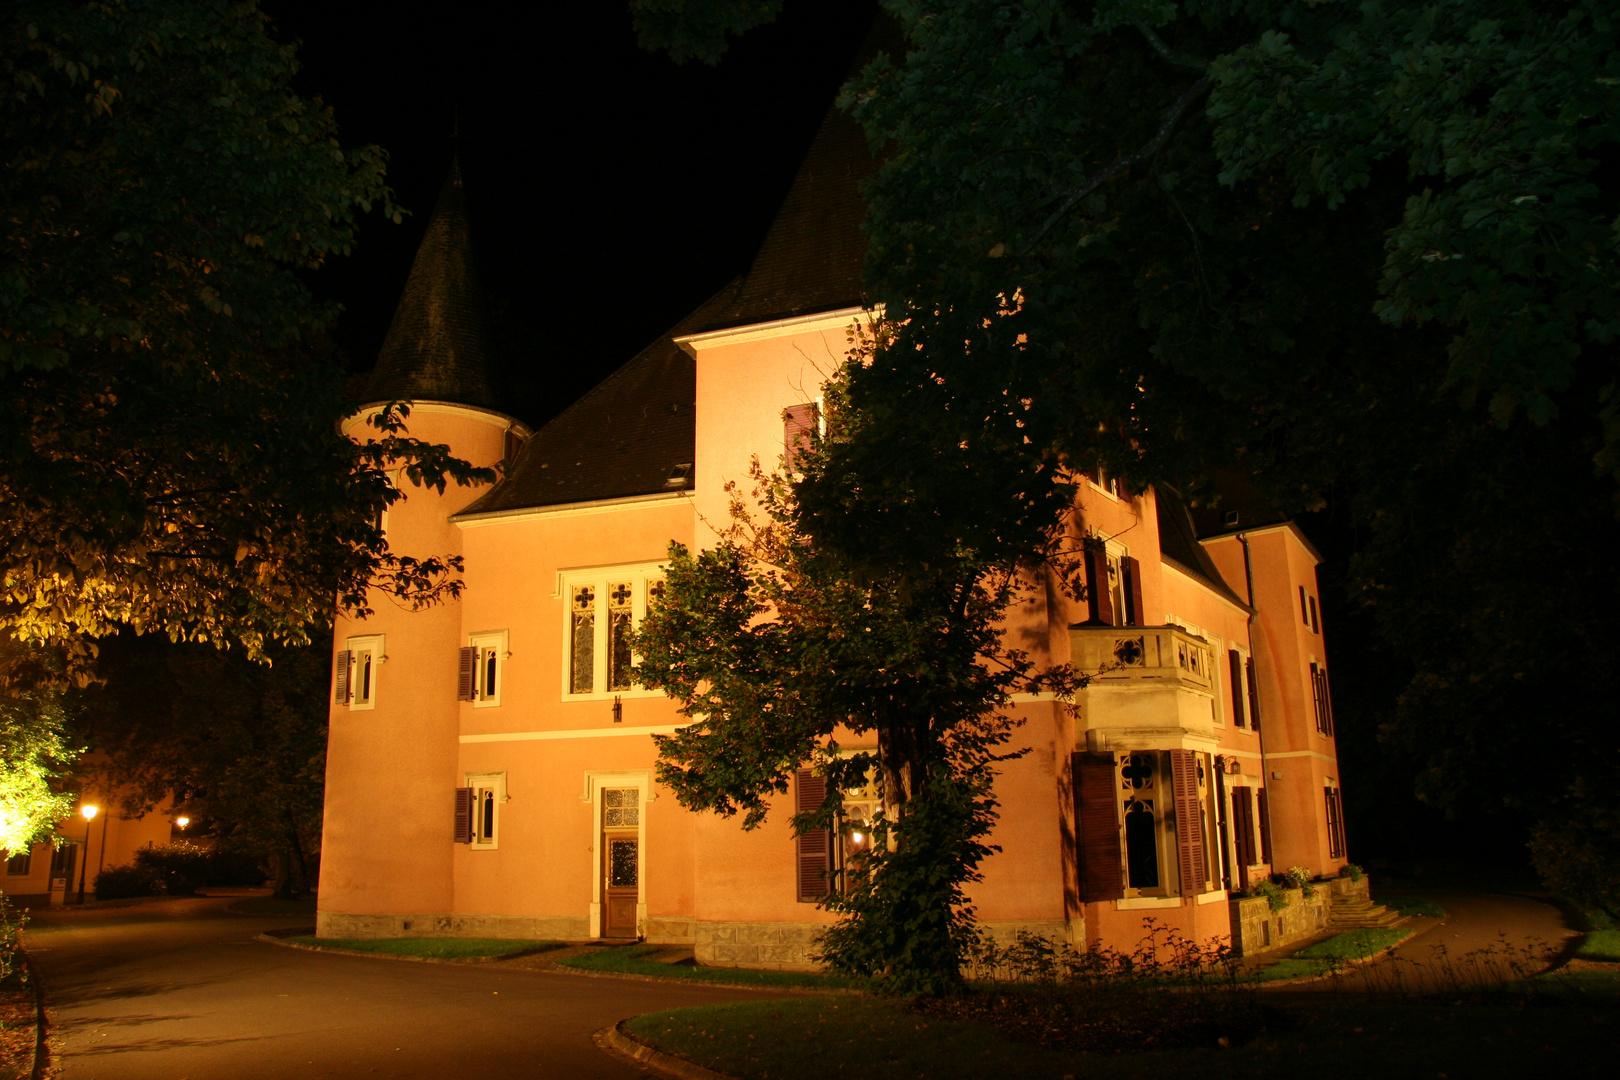 Château de Erpeldange